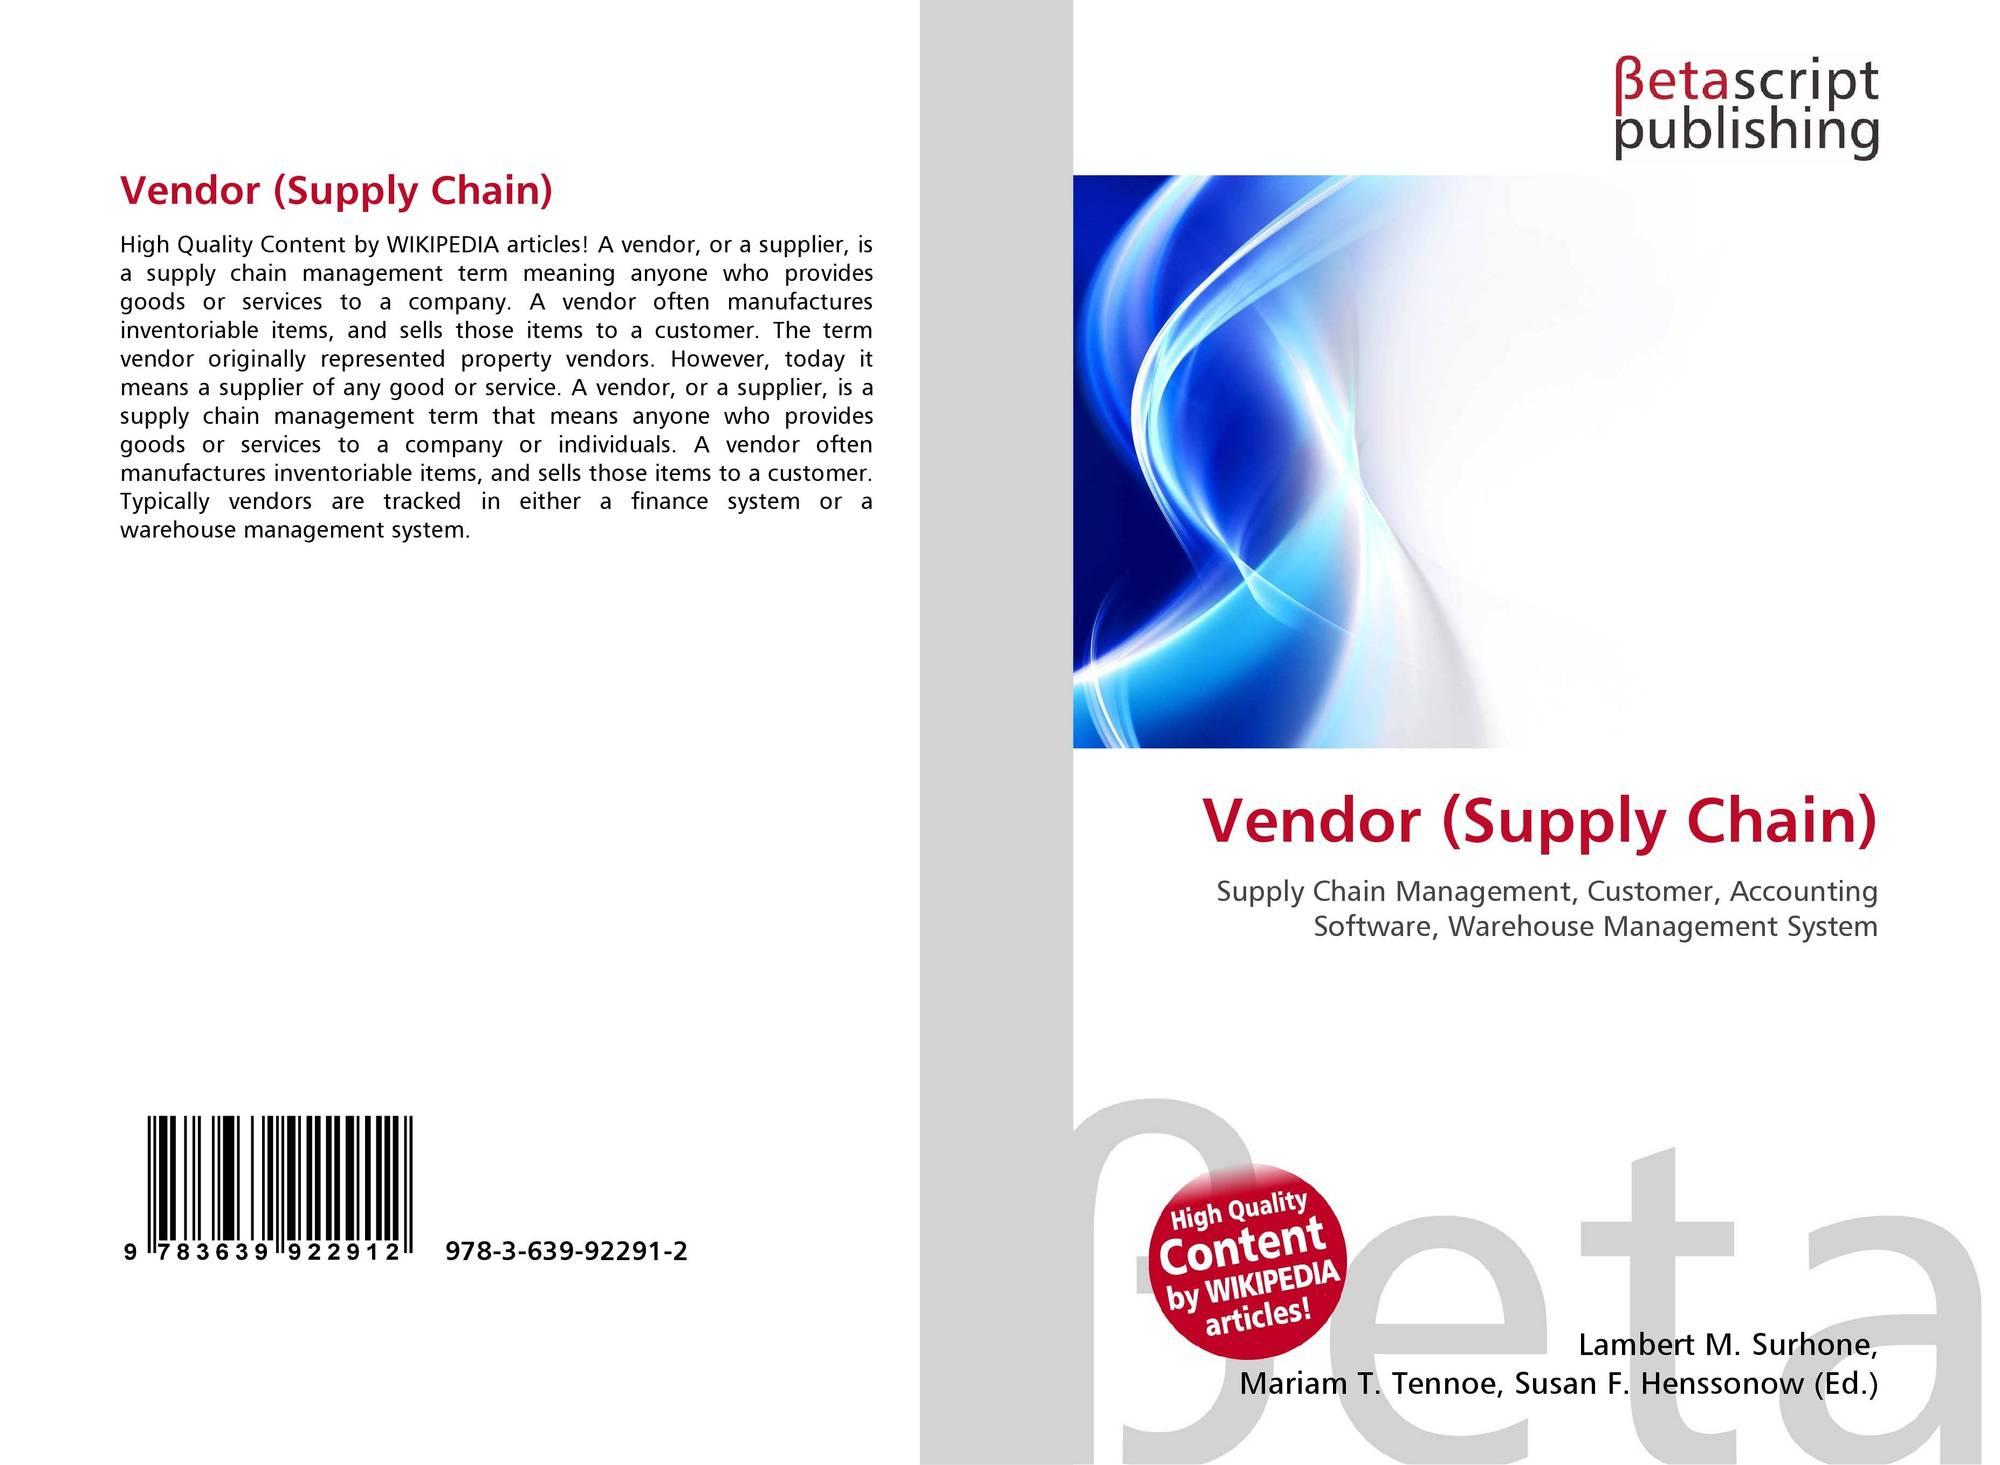 Vendor (Supply Chain), 978-3-639-92291-2, 3639922913